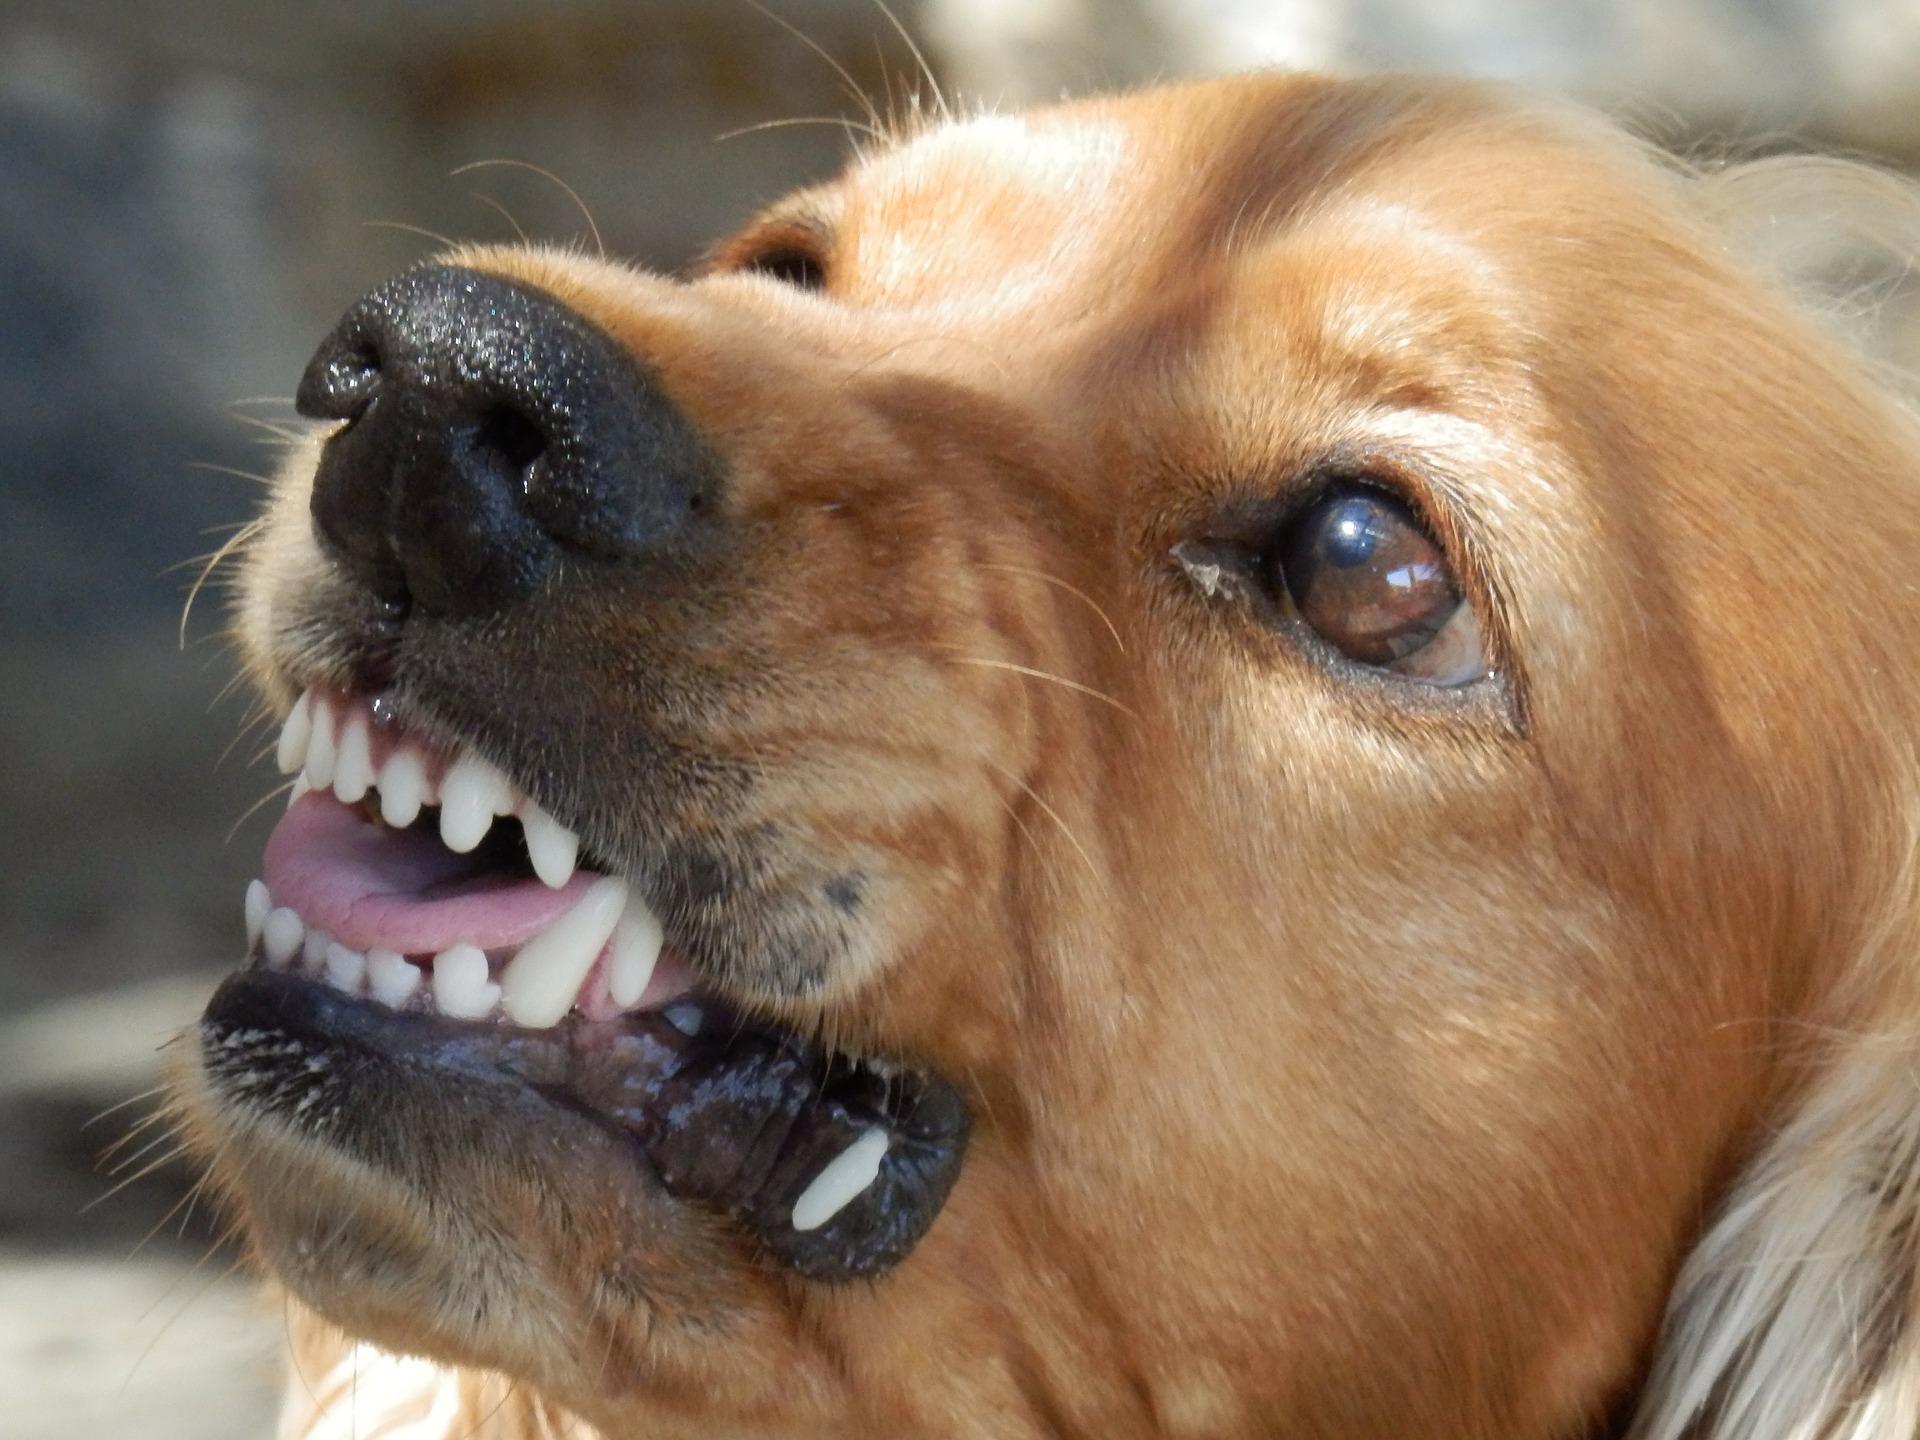 agresividad canina etología veterinaria comportamiento ebavet